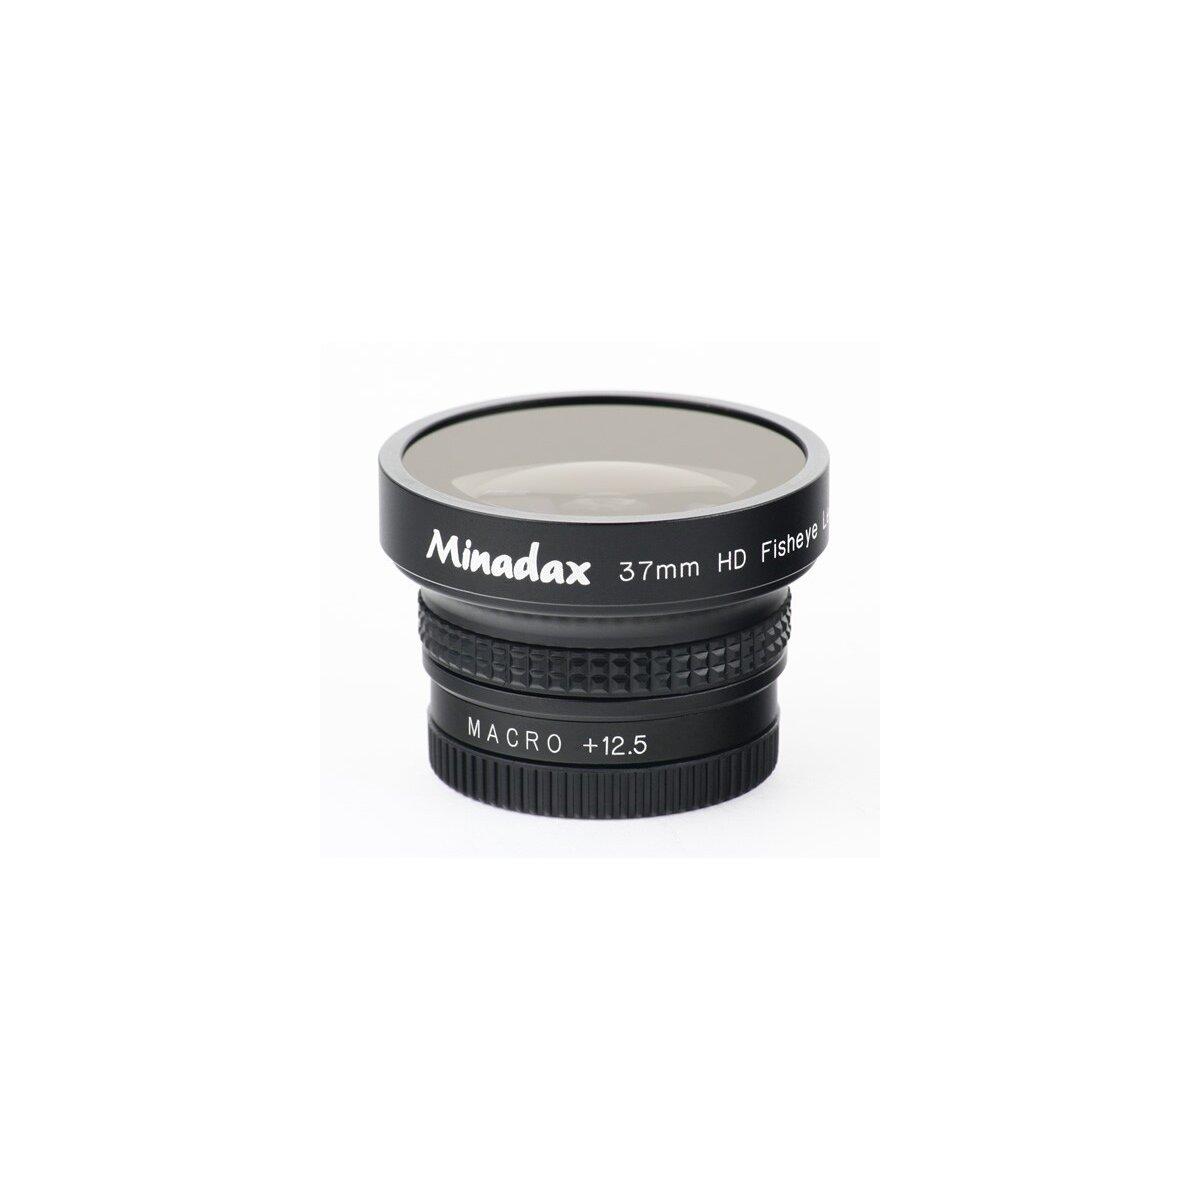 Minadax 0.42x Fisheye Vorsatz kompatibel mit Sony DSC-V1